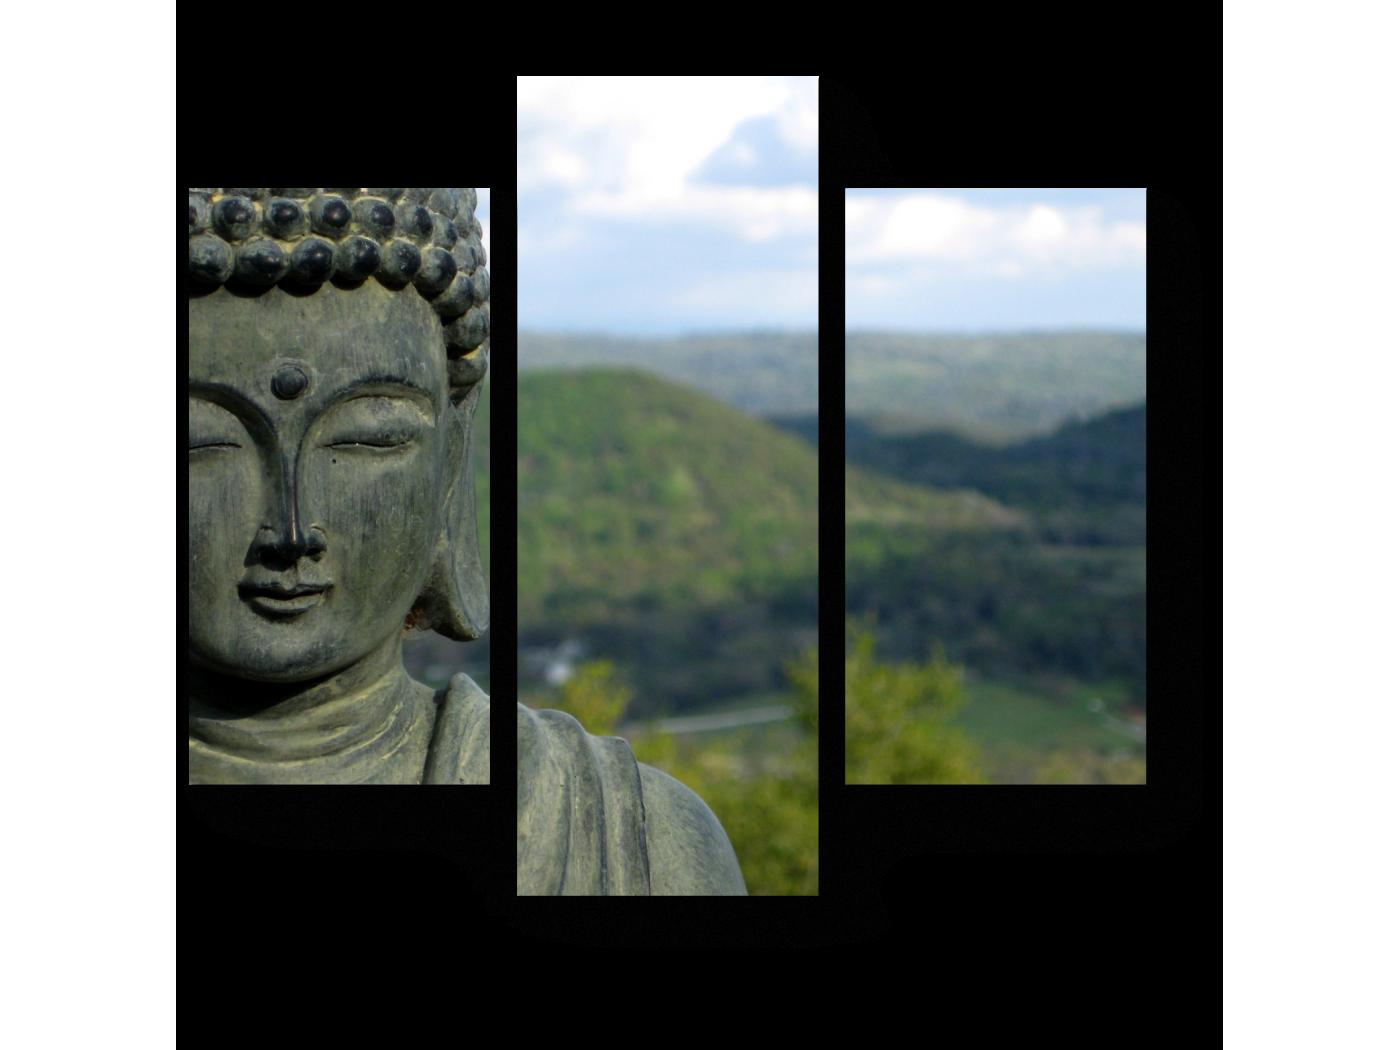 Модульная картина Статуя Будды (60x54) фото